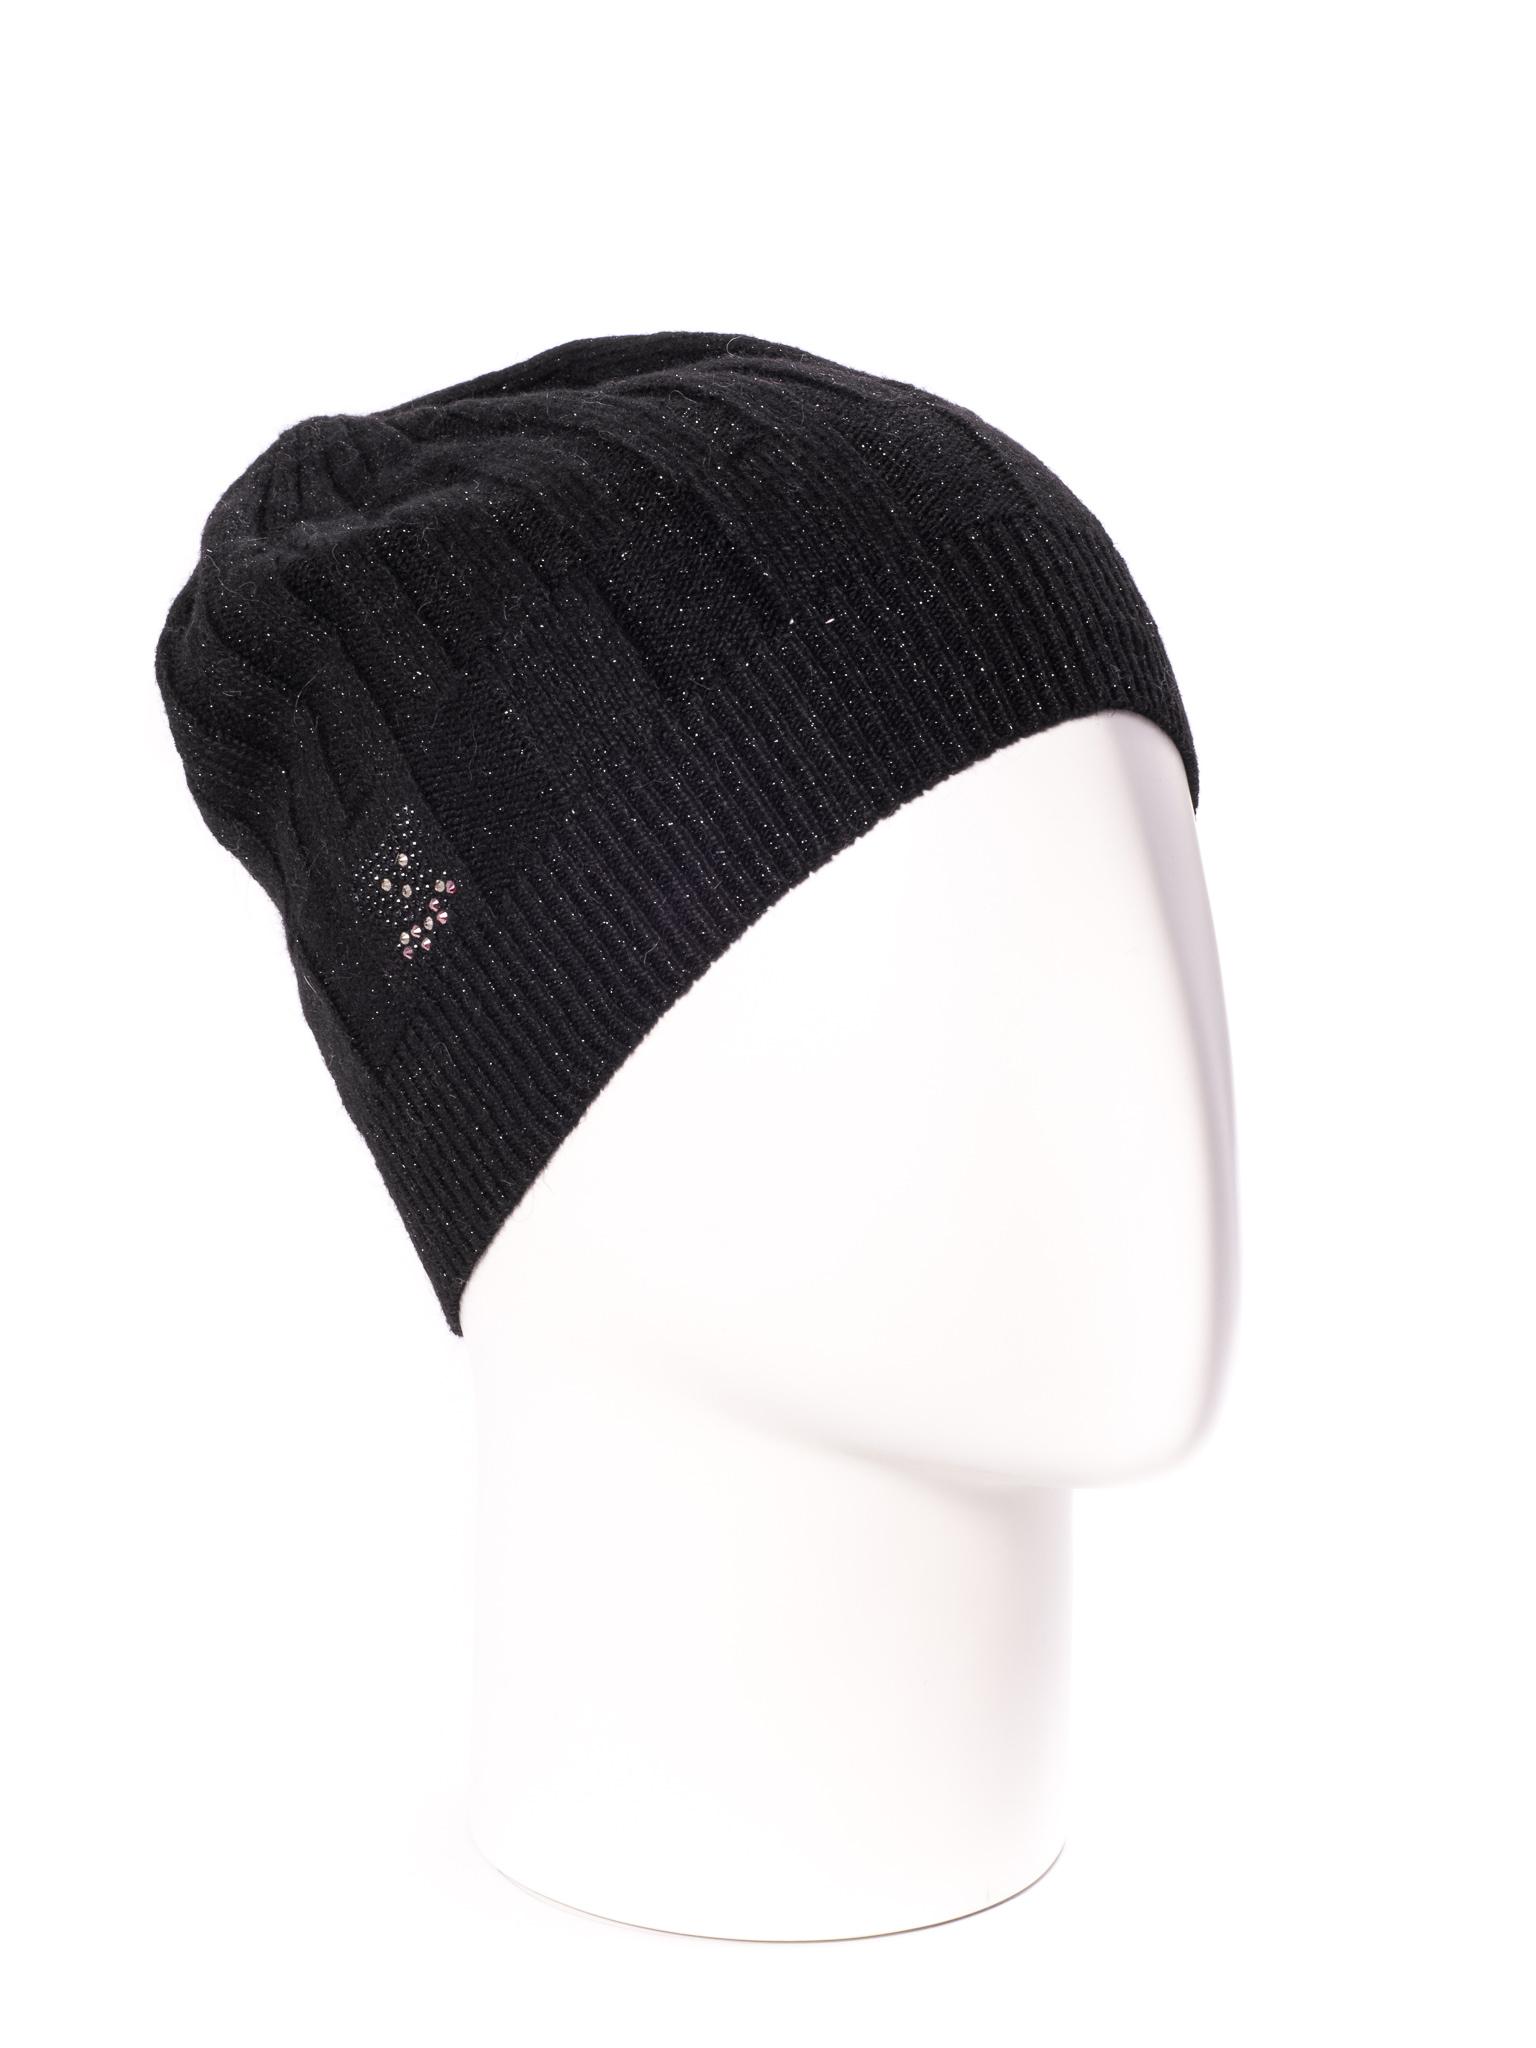 ШапкаШапки<br>Однотонная шапка подарит Вам тепло и комфорт.  Стильный аксессуар защитит Вас от непогоды и станет прекрасным дополнением Вашего образа.  В изделии использованы цвета: черный<br><br>По материалу: Вязаные,Трикотаж<br>По рисунку: Однотонные<br>По элементам: С декором<br>По сезону: Осень,Весна<br>Размер : universal<br>Материал: Вязаное полотно<br>Количество в наличии: 1